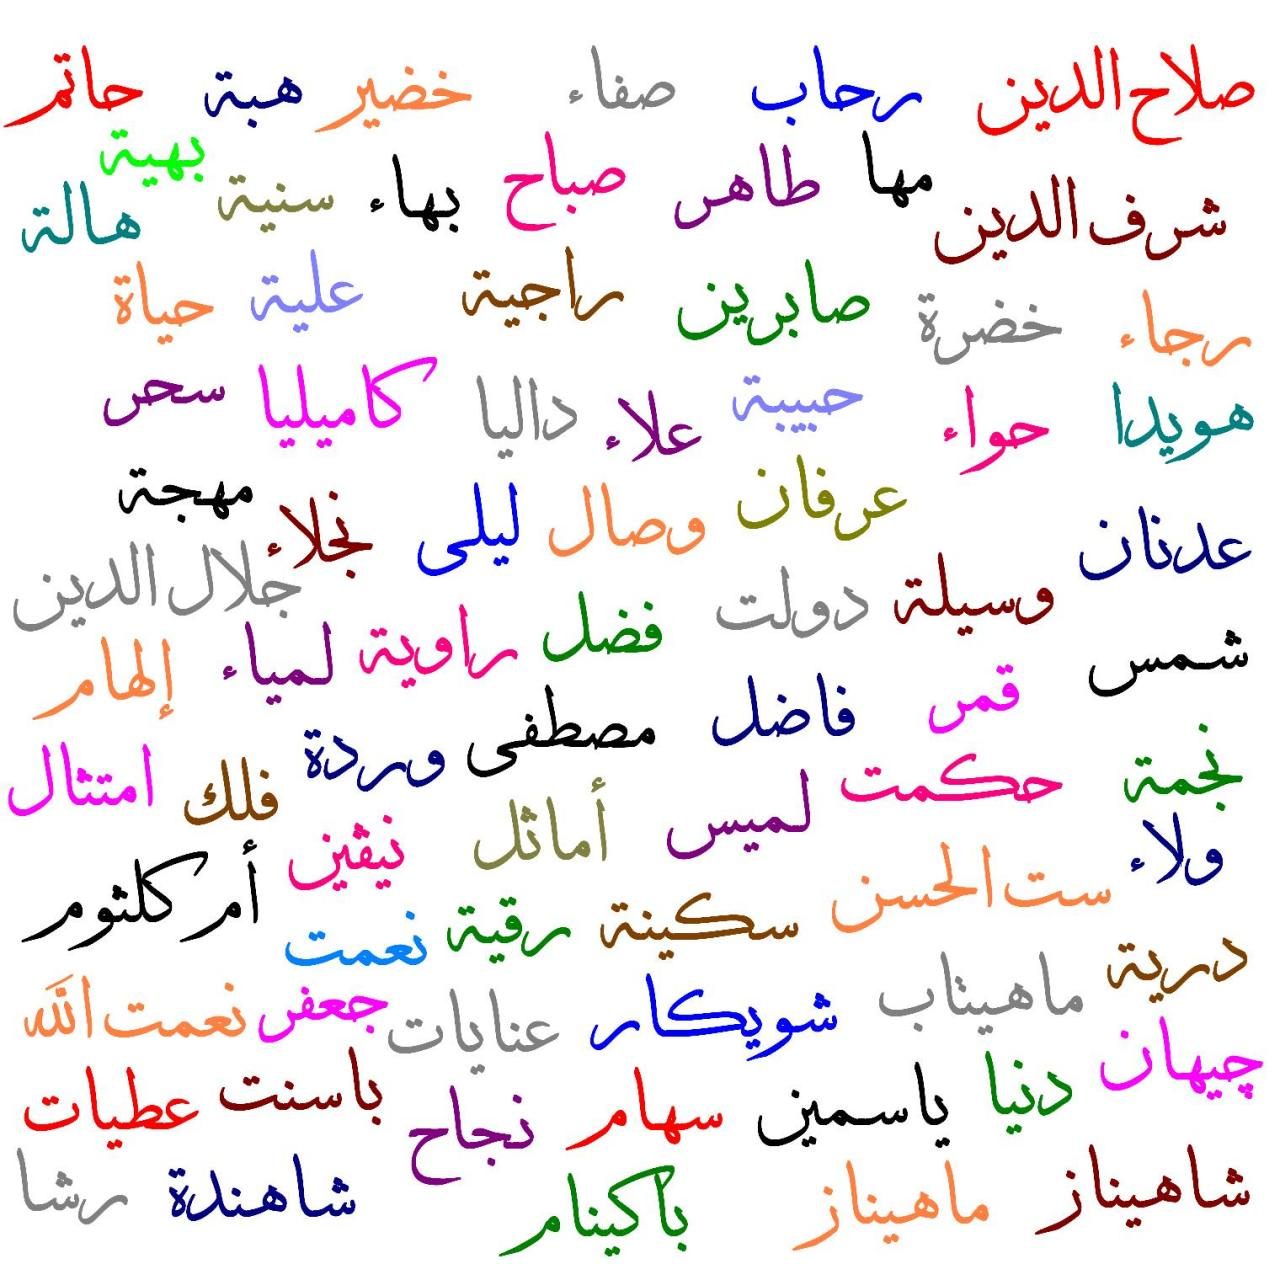 صورة اسماء و معاني , احلى الاسماء وتوضيح المعانى